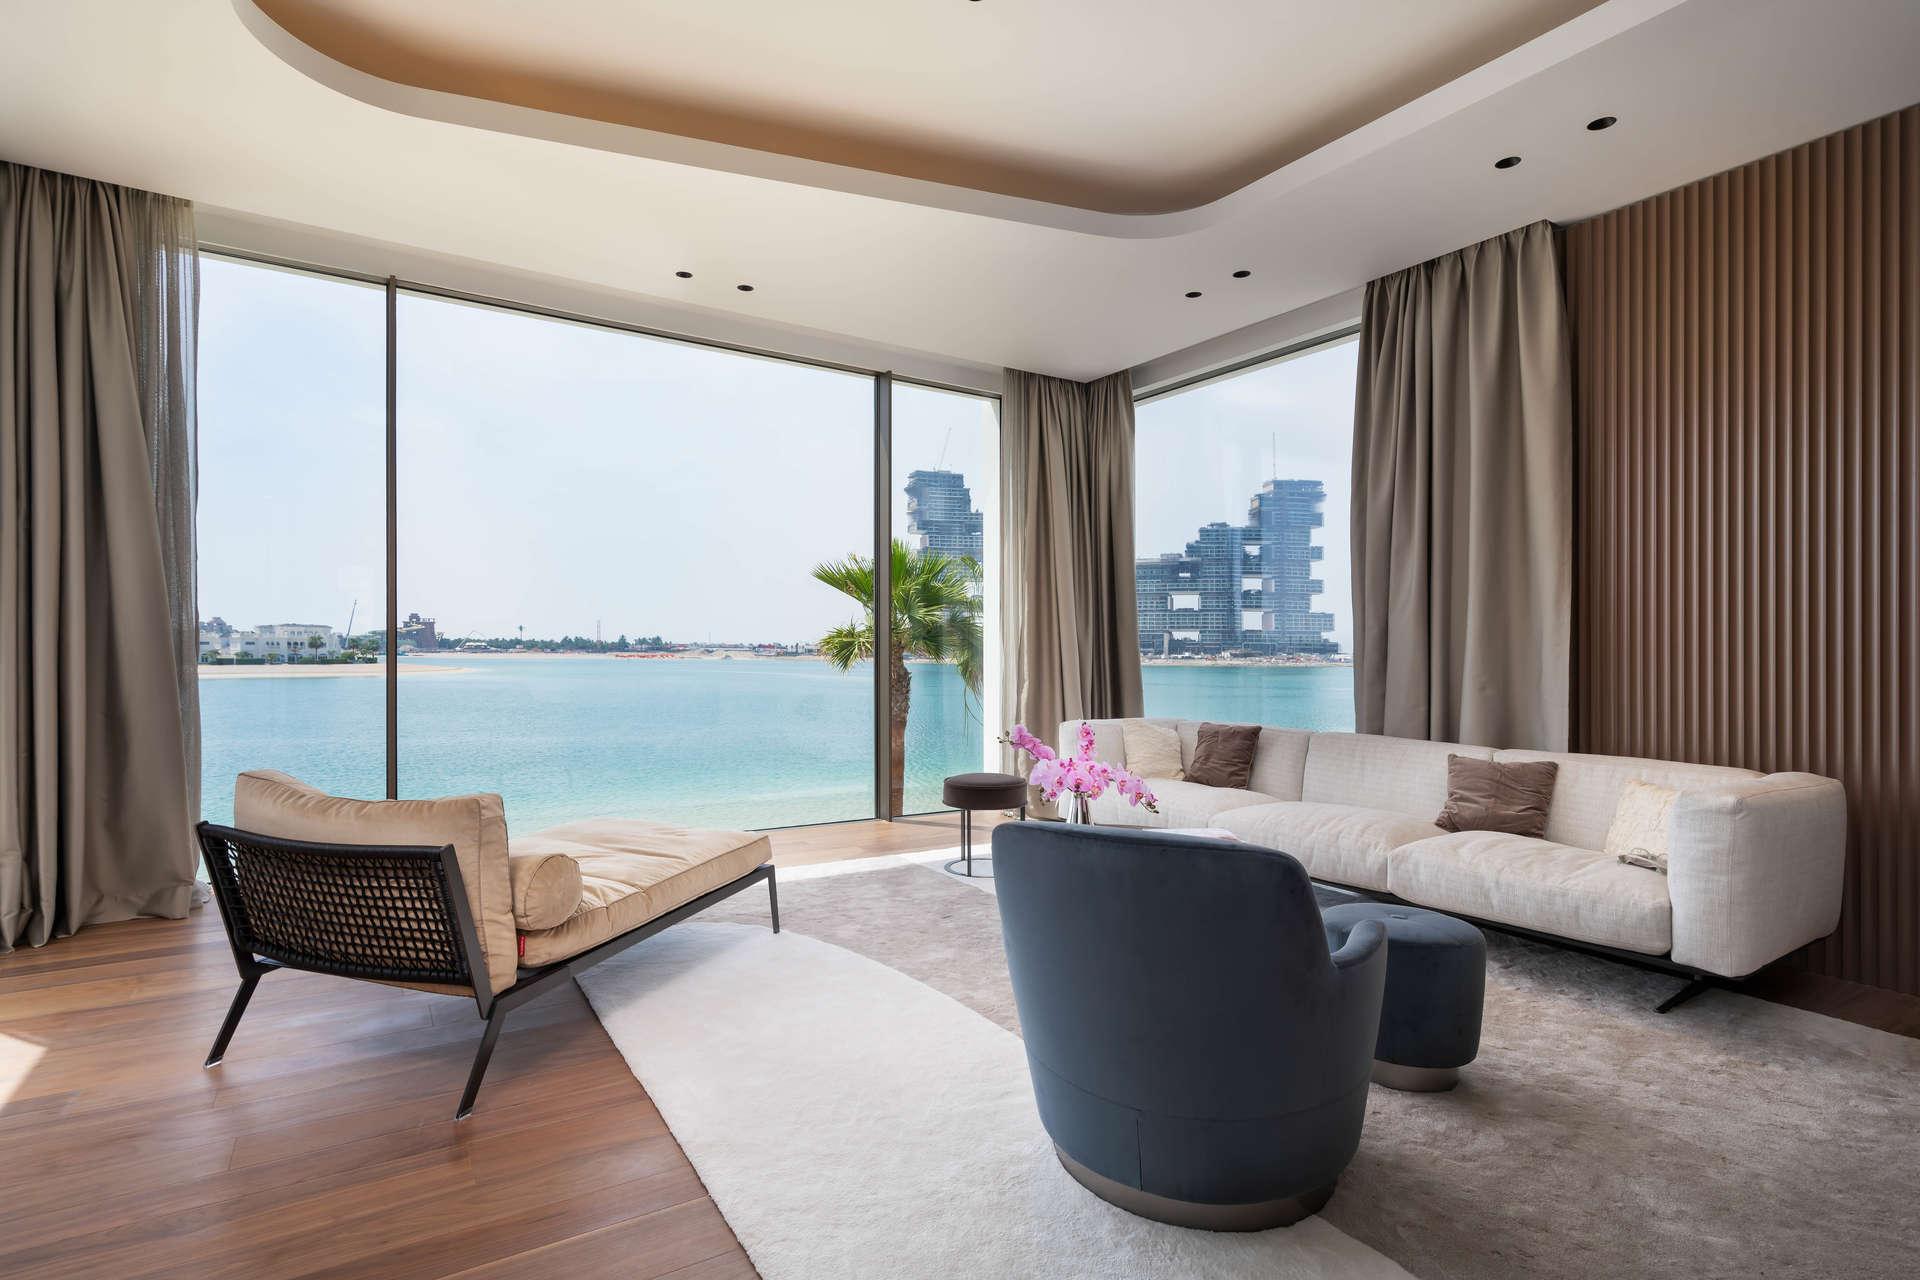 Incredible Beachfront Villa